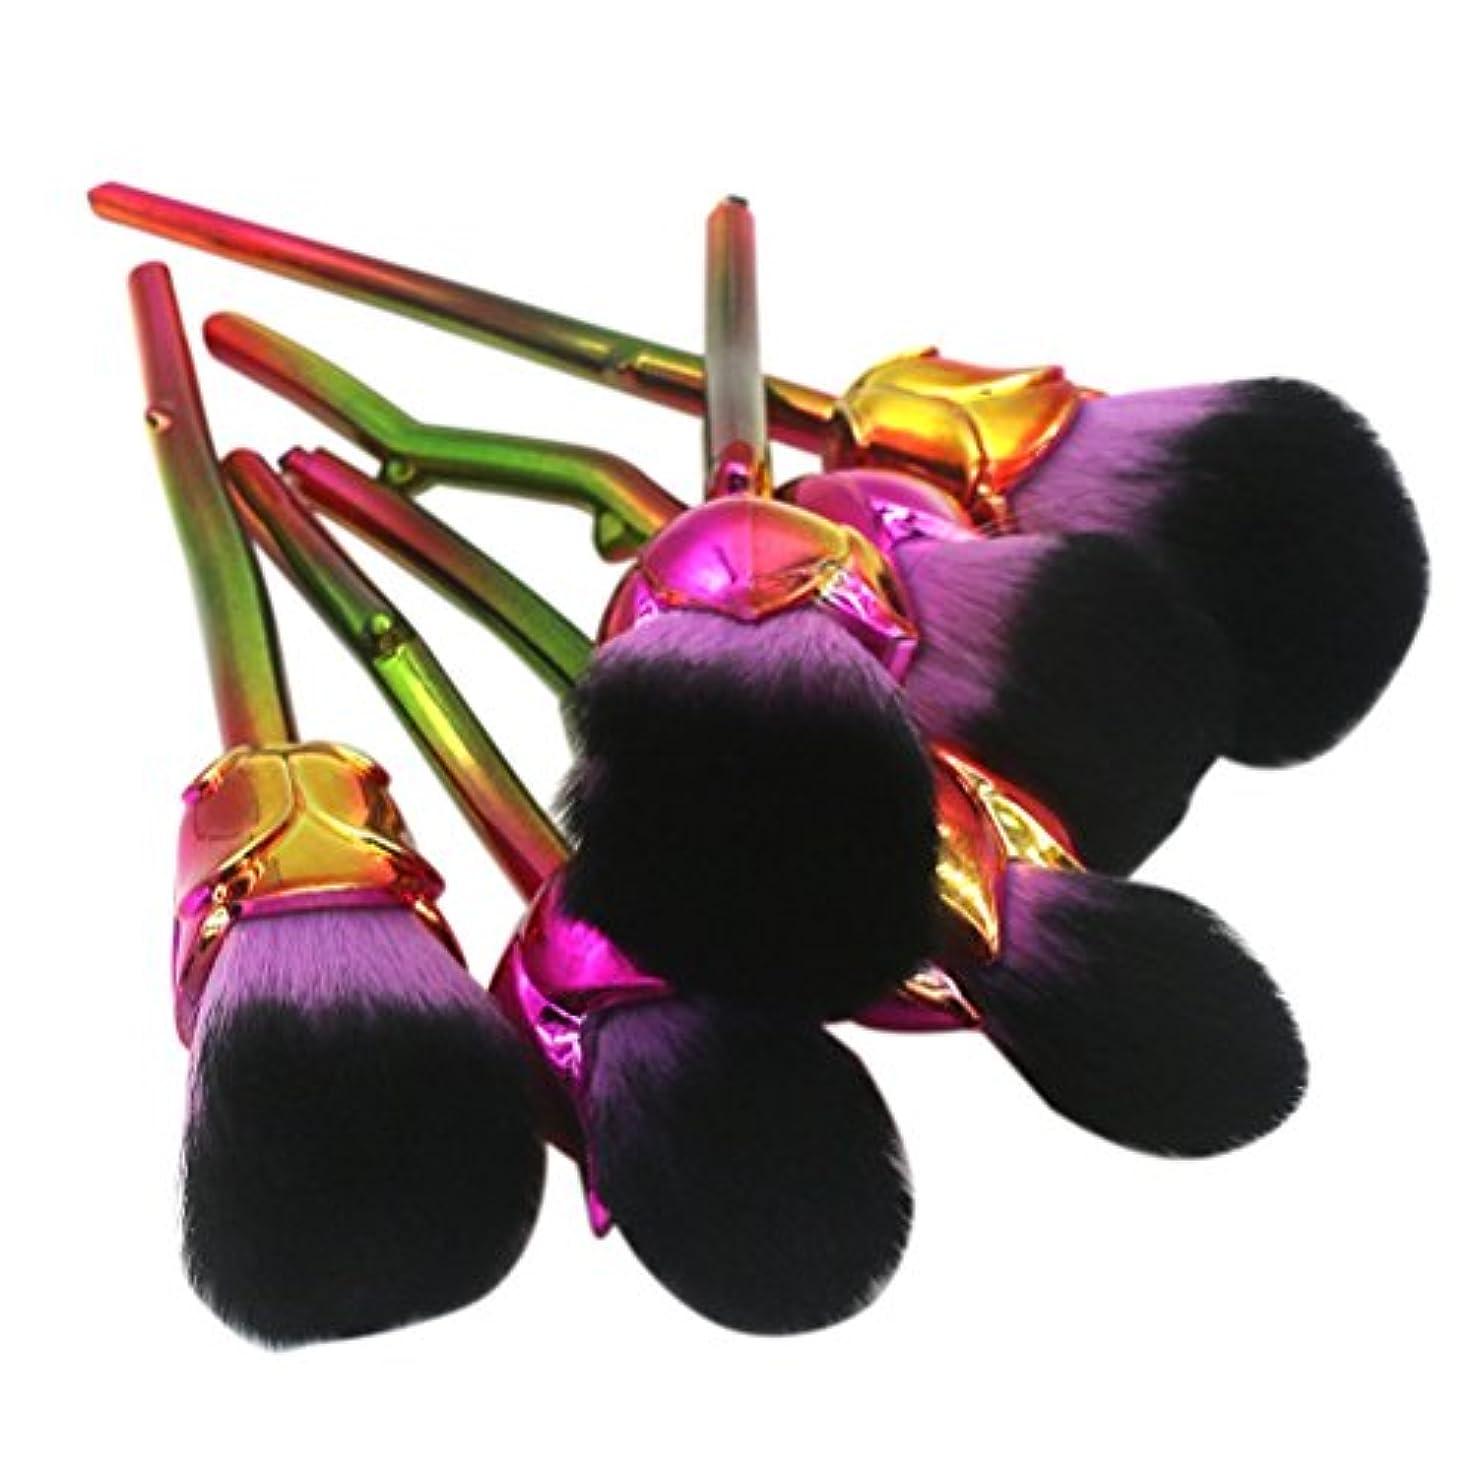 禁じるまろやかな裸ディラビューティー(Dilla Beauty) メイクブラシ 薔薇 メイクブラシセット 人気 ファンデーションブラシ 化粧筆 可愛い 化粧ブラシ セット パウダーブラシ フェイスブラシ ローズ メイクブラシ 6本セット ケース付き (パープル)